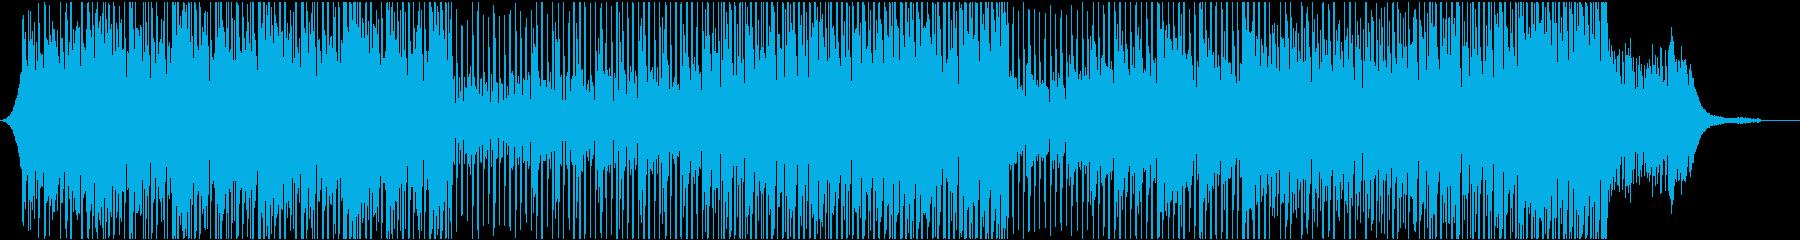 ウキウキする軽快さの再生済みの波形